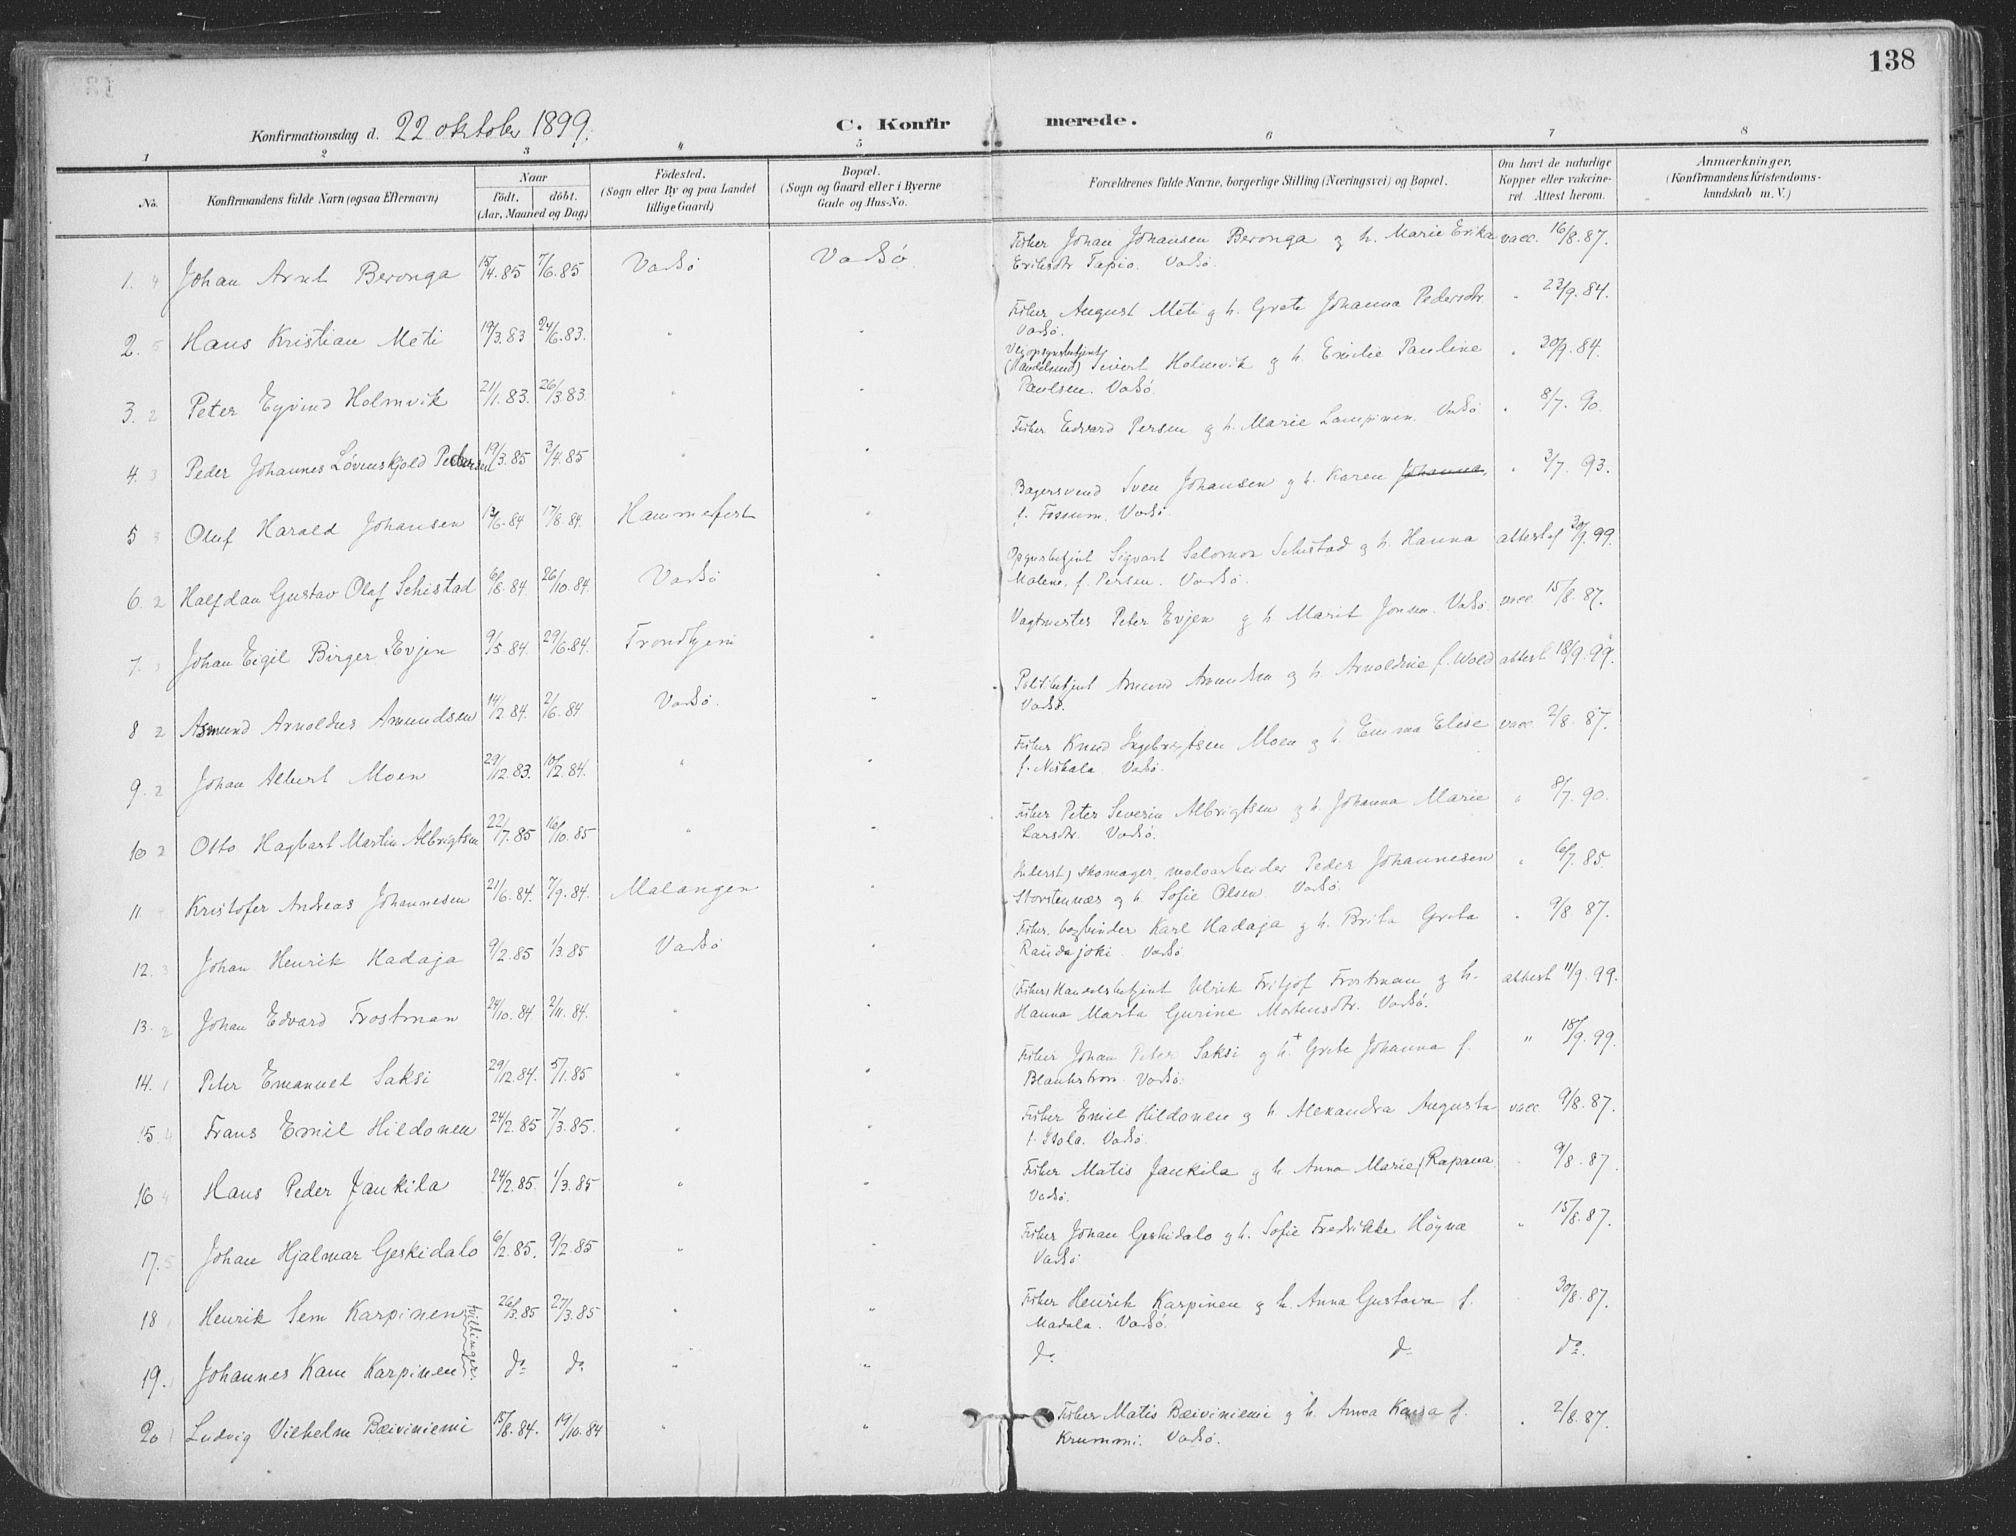 SATØ, Vadsø sokneprestkontor, H/Ha/L0007kirke: Ministerialbok nr. 7, 1896-1916, s. 138